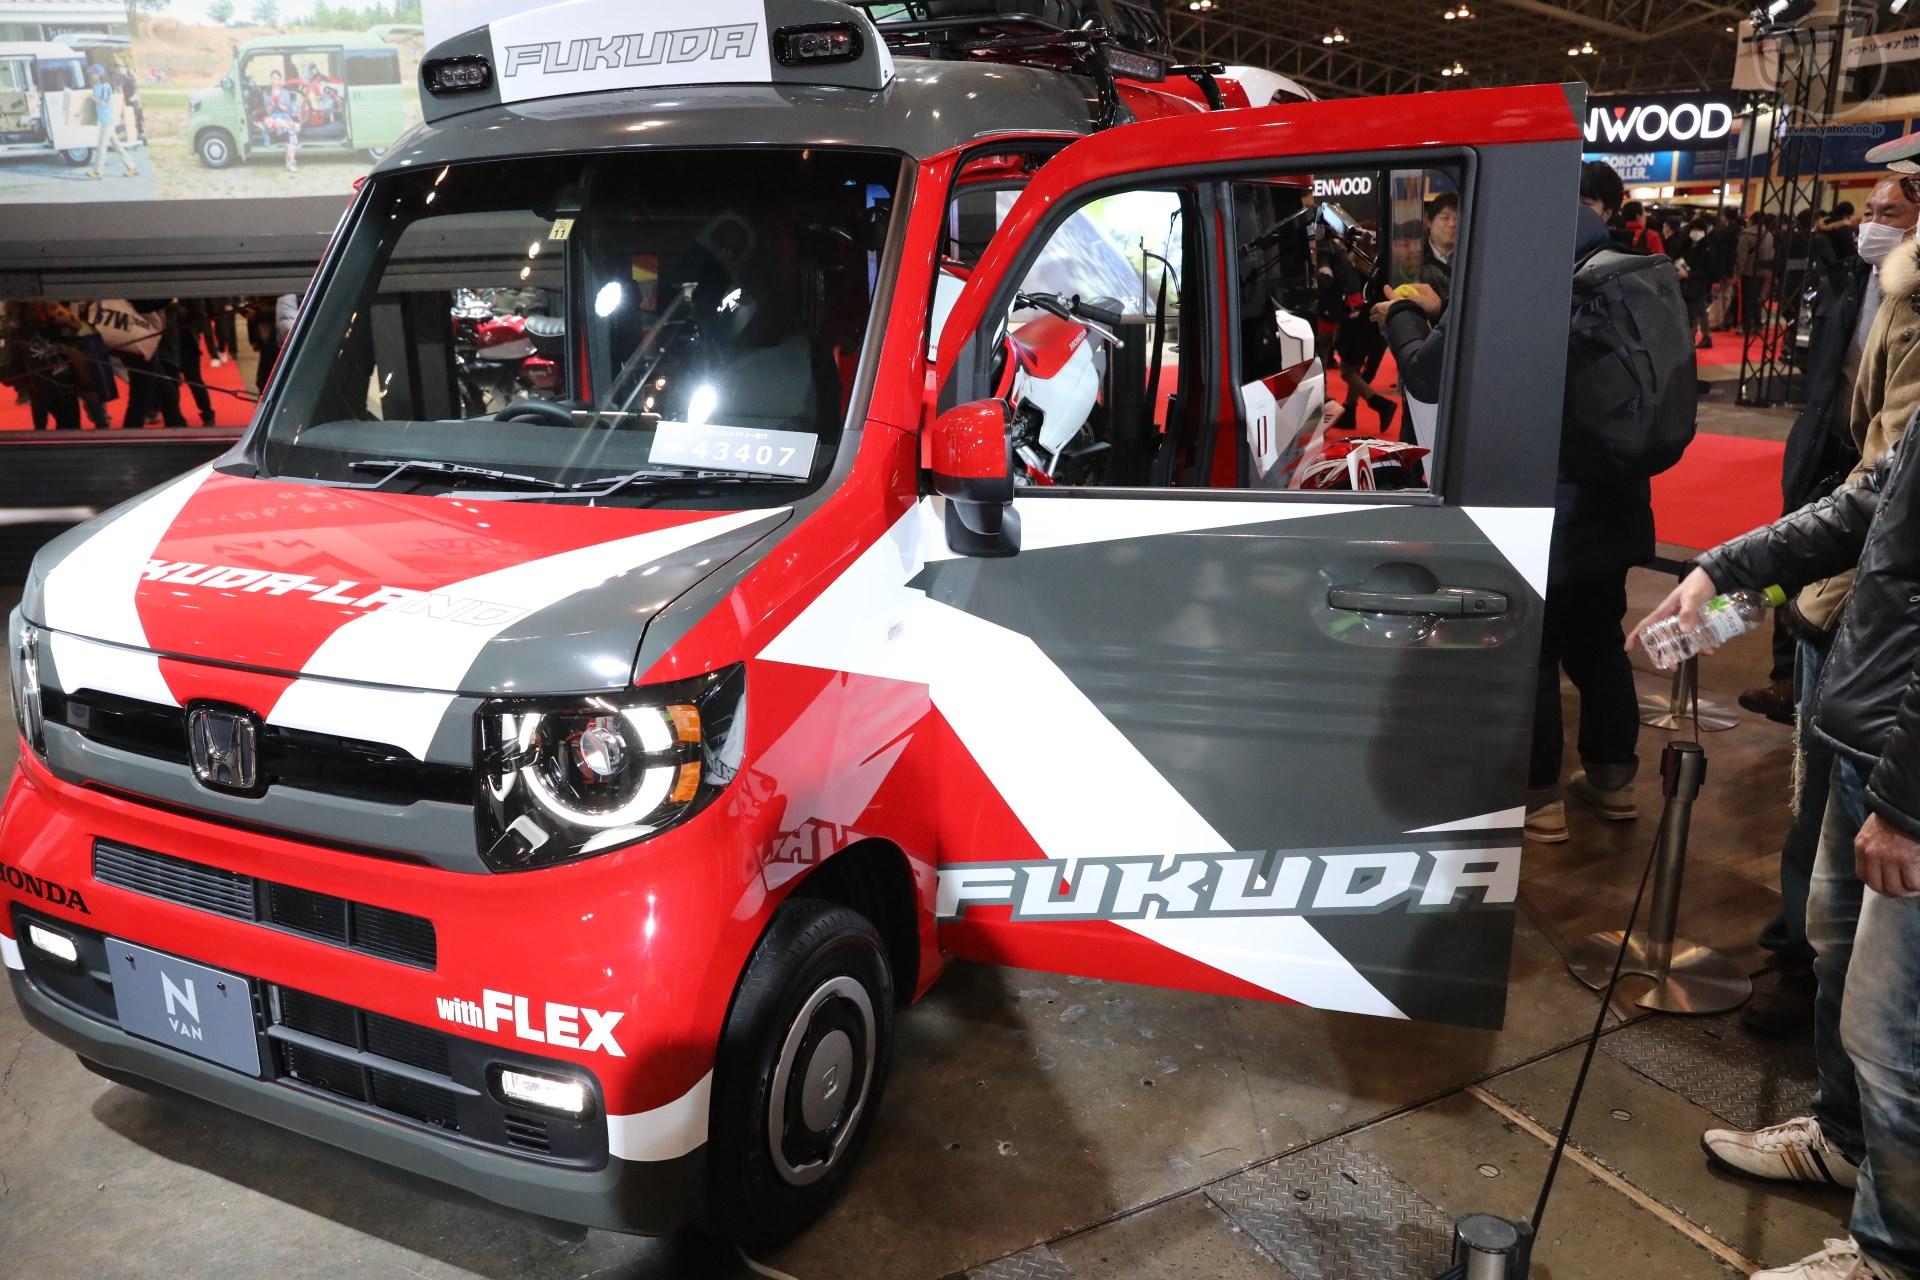 Honda N-VANチュートリアル福田カスタム仕様車 with FLEX